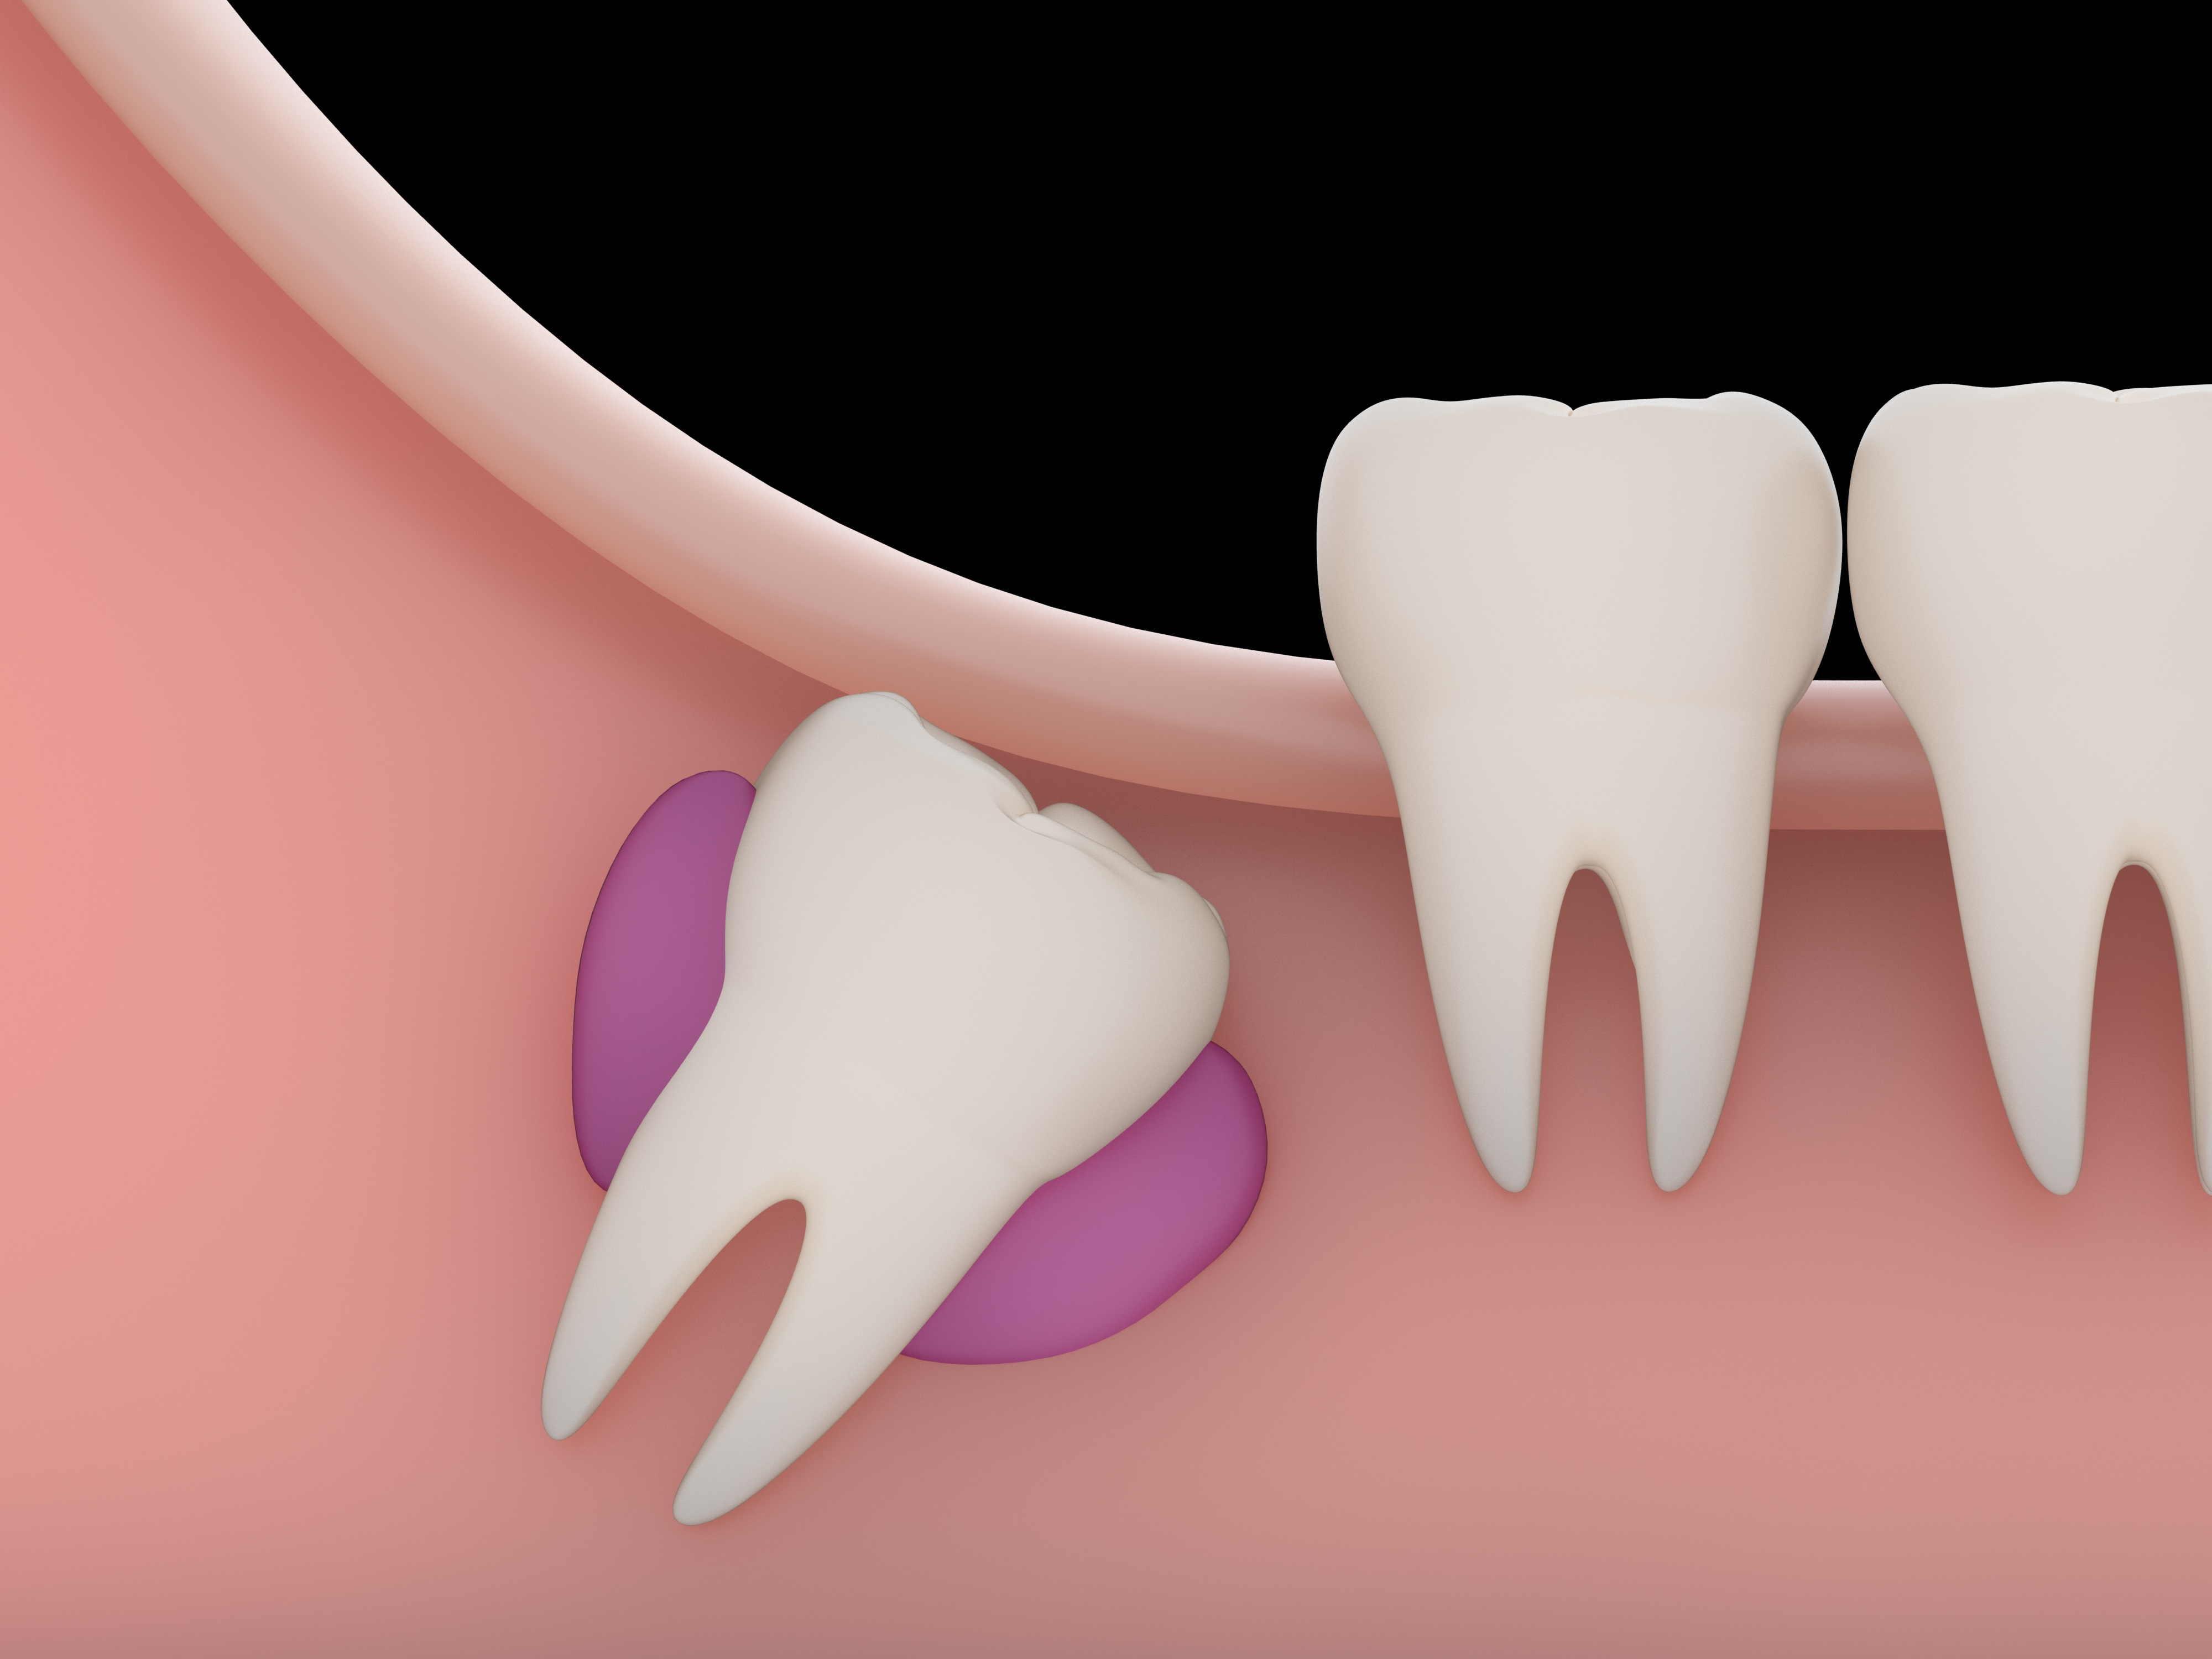 quistes dentarios